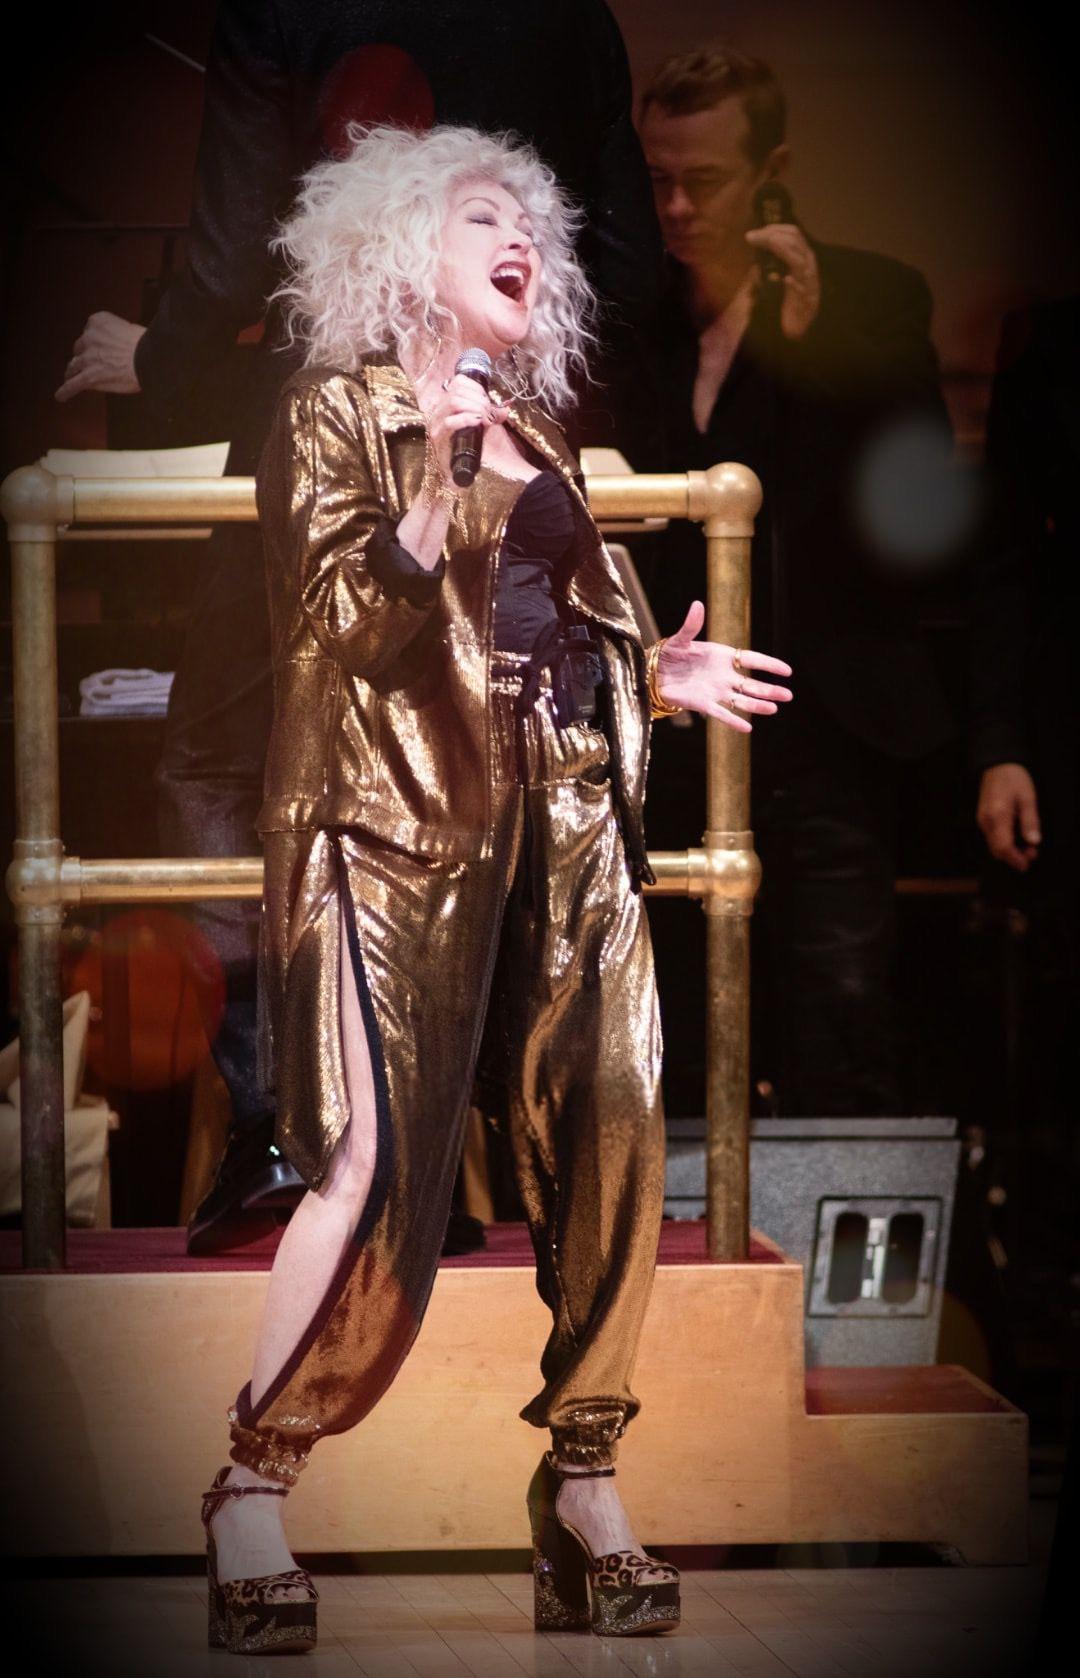 Cyndi Lauper Cyndi lauper, Style muse, Image collection